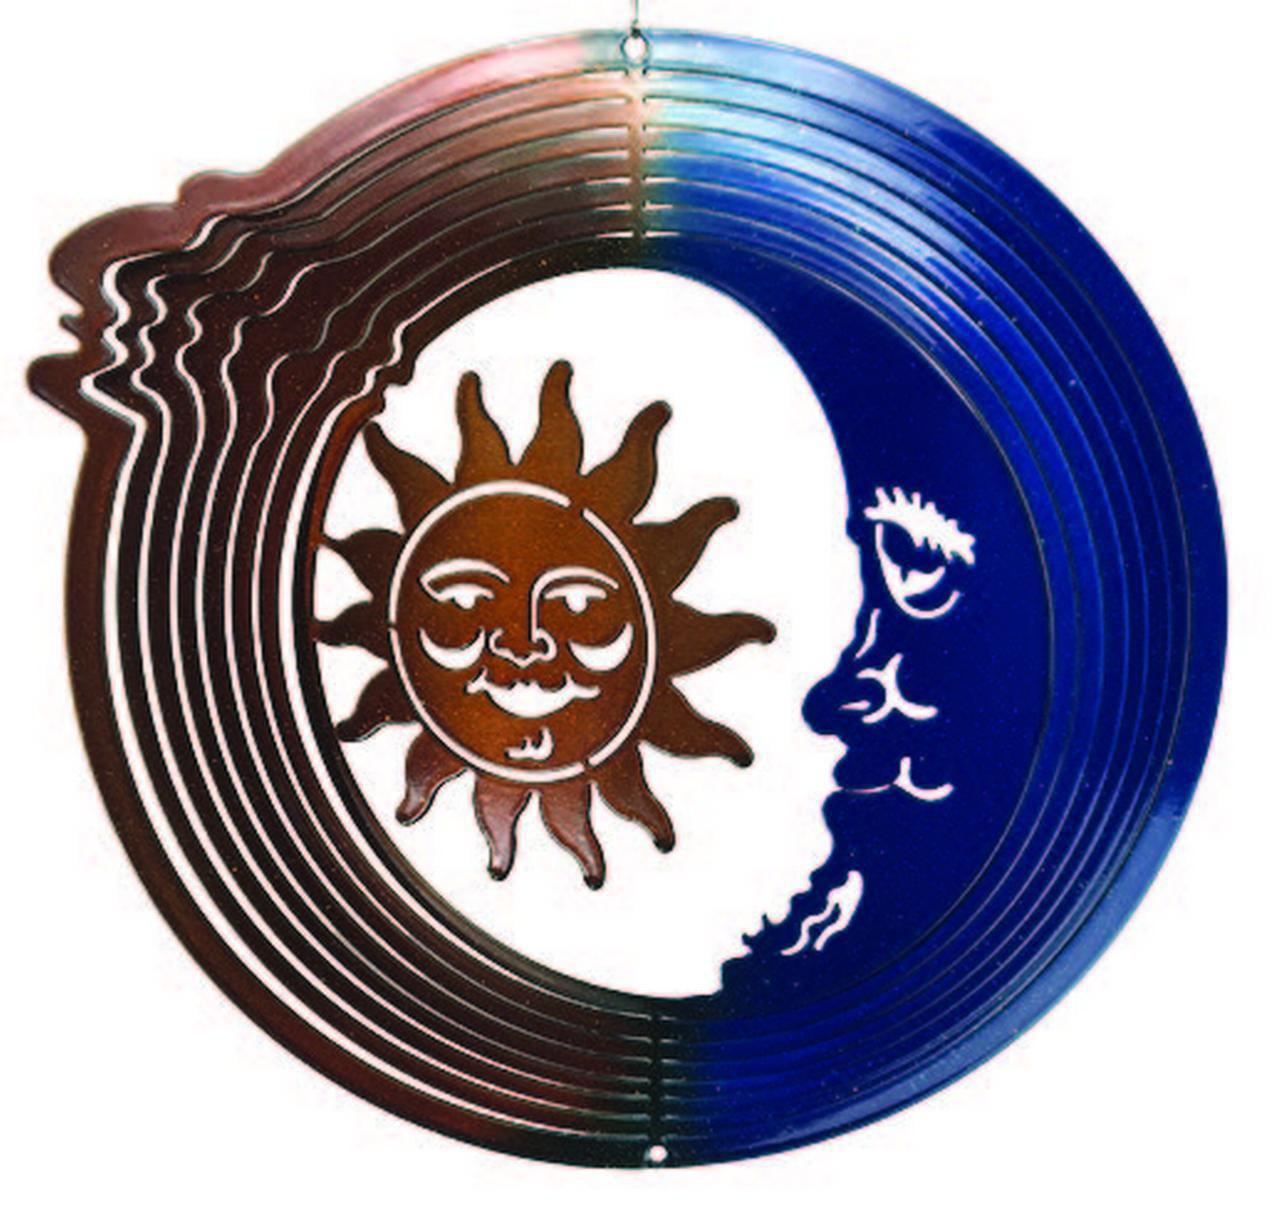 Garden Wind Spinner Medium Sun Moon Blue Copper Wind Spinner by Next Innovations